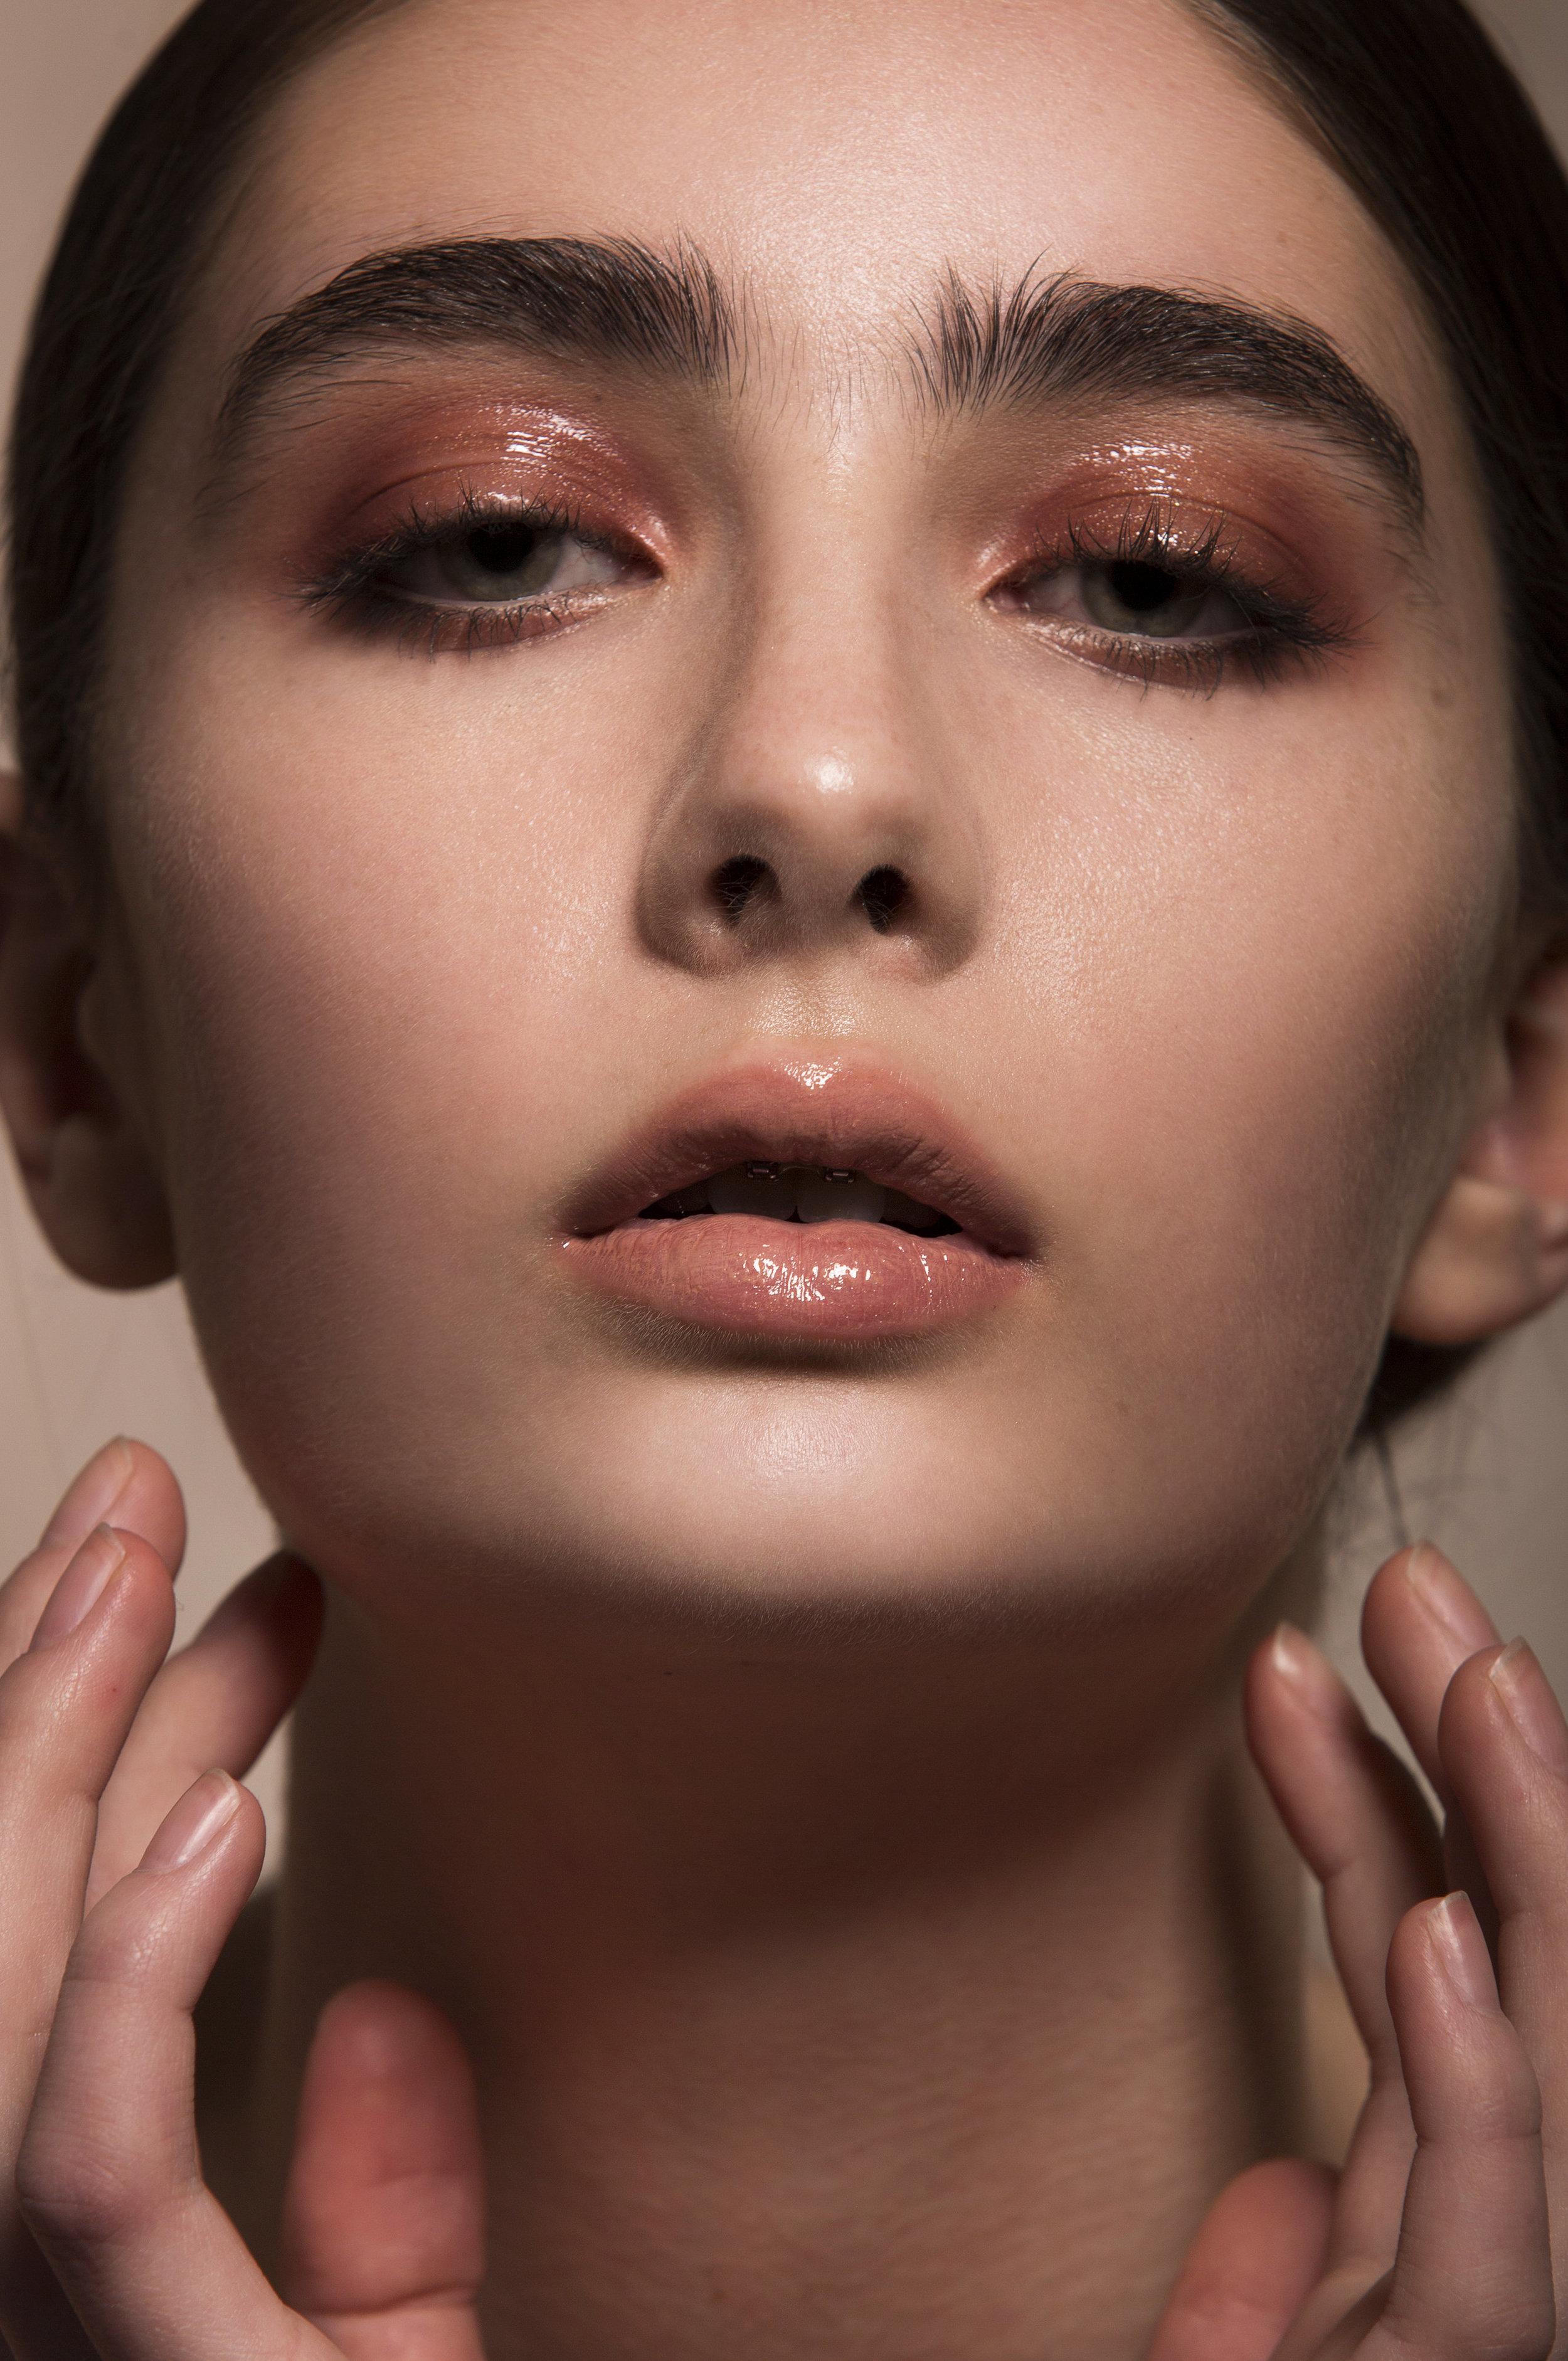 Beauty Madelyn Ricketts HOB-Beauty Madelyn Ricketts HOB-0008.jpg